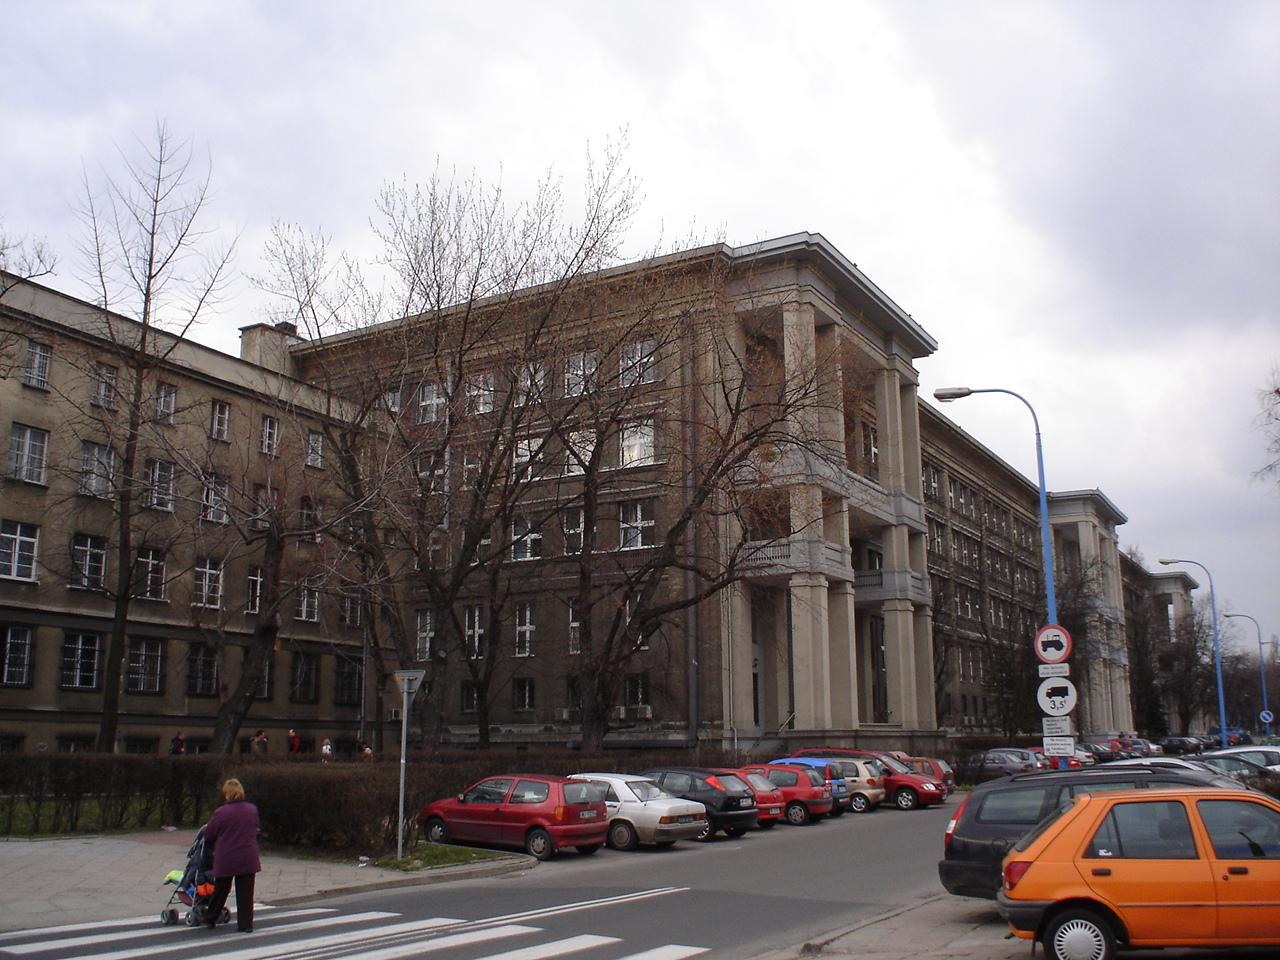 Wydział Matematyki, Informatyki i Mechaniki Uniwersytetu Warszawskiego